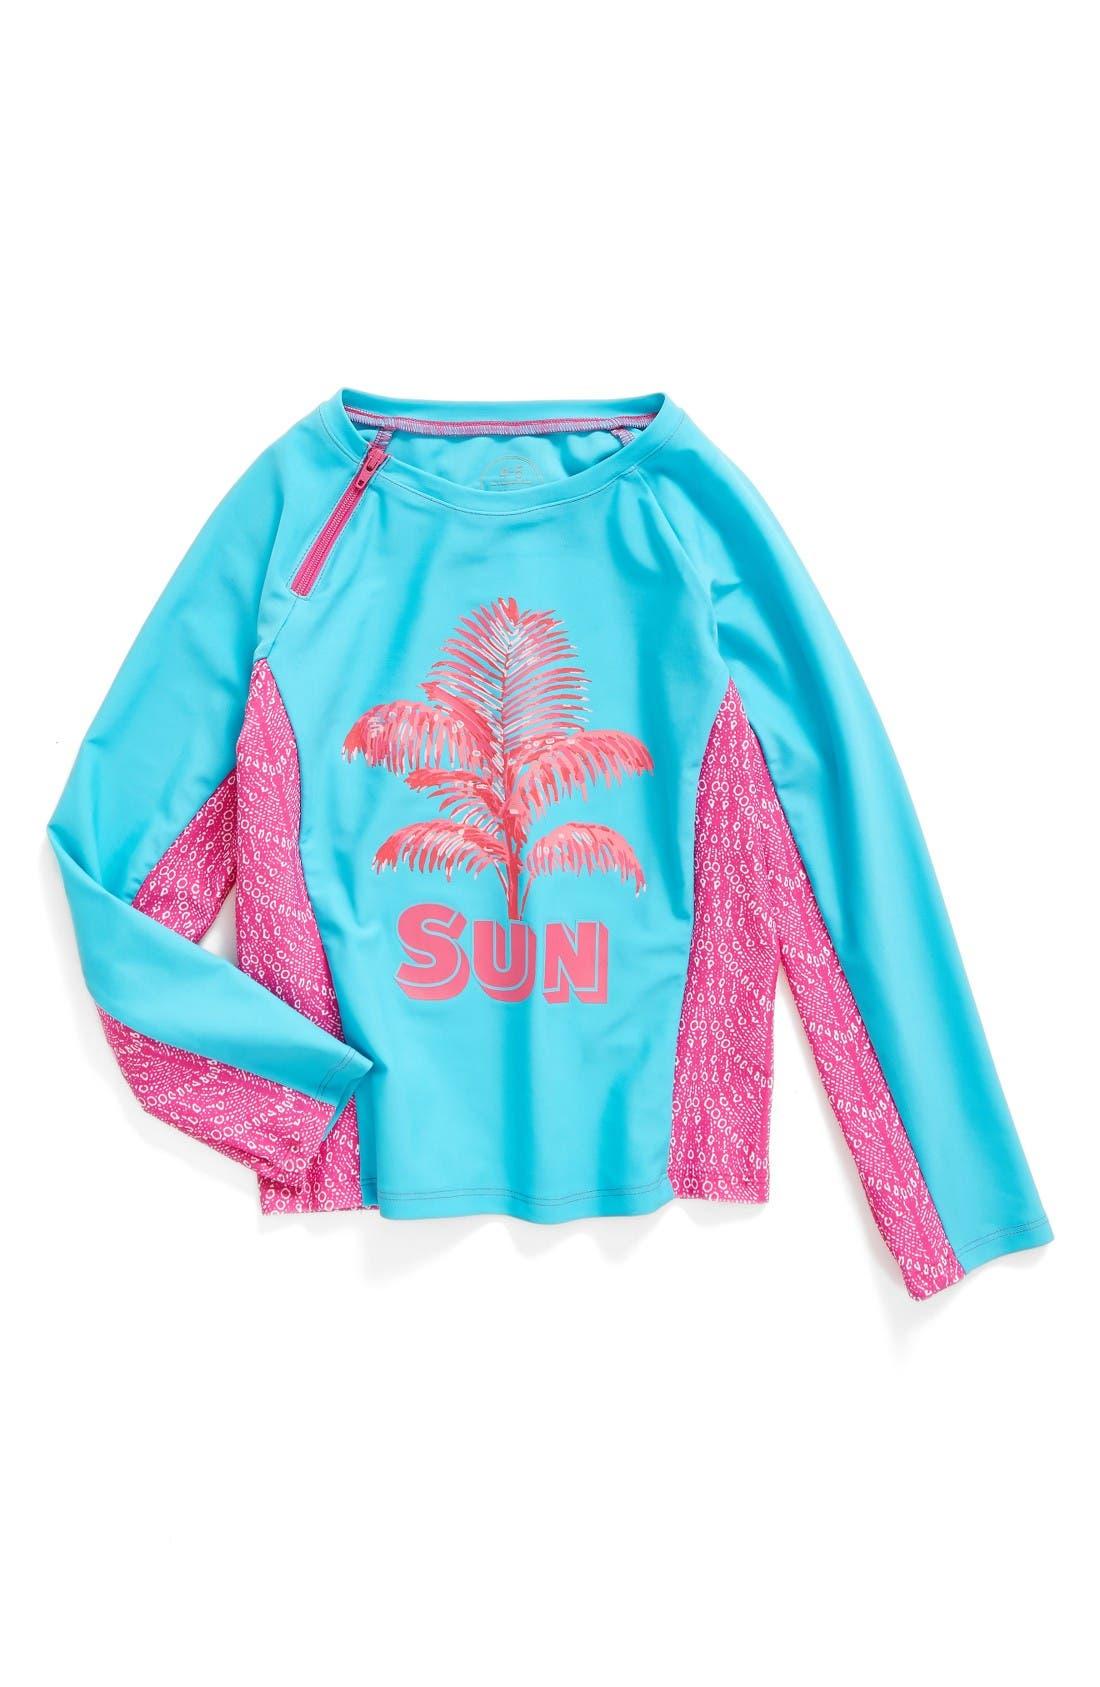 Mott 50 Graphic Long Sleeve Rashguard (Toddler Girls, Little Girls & Big Girls)